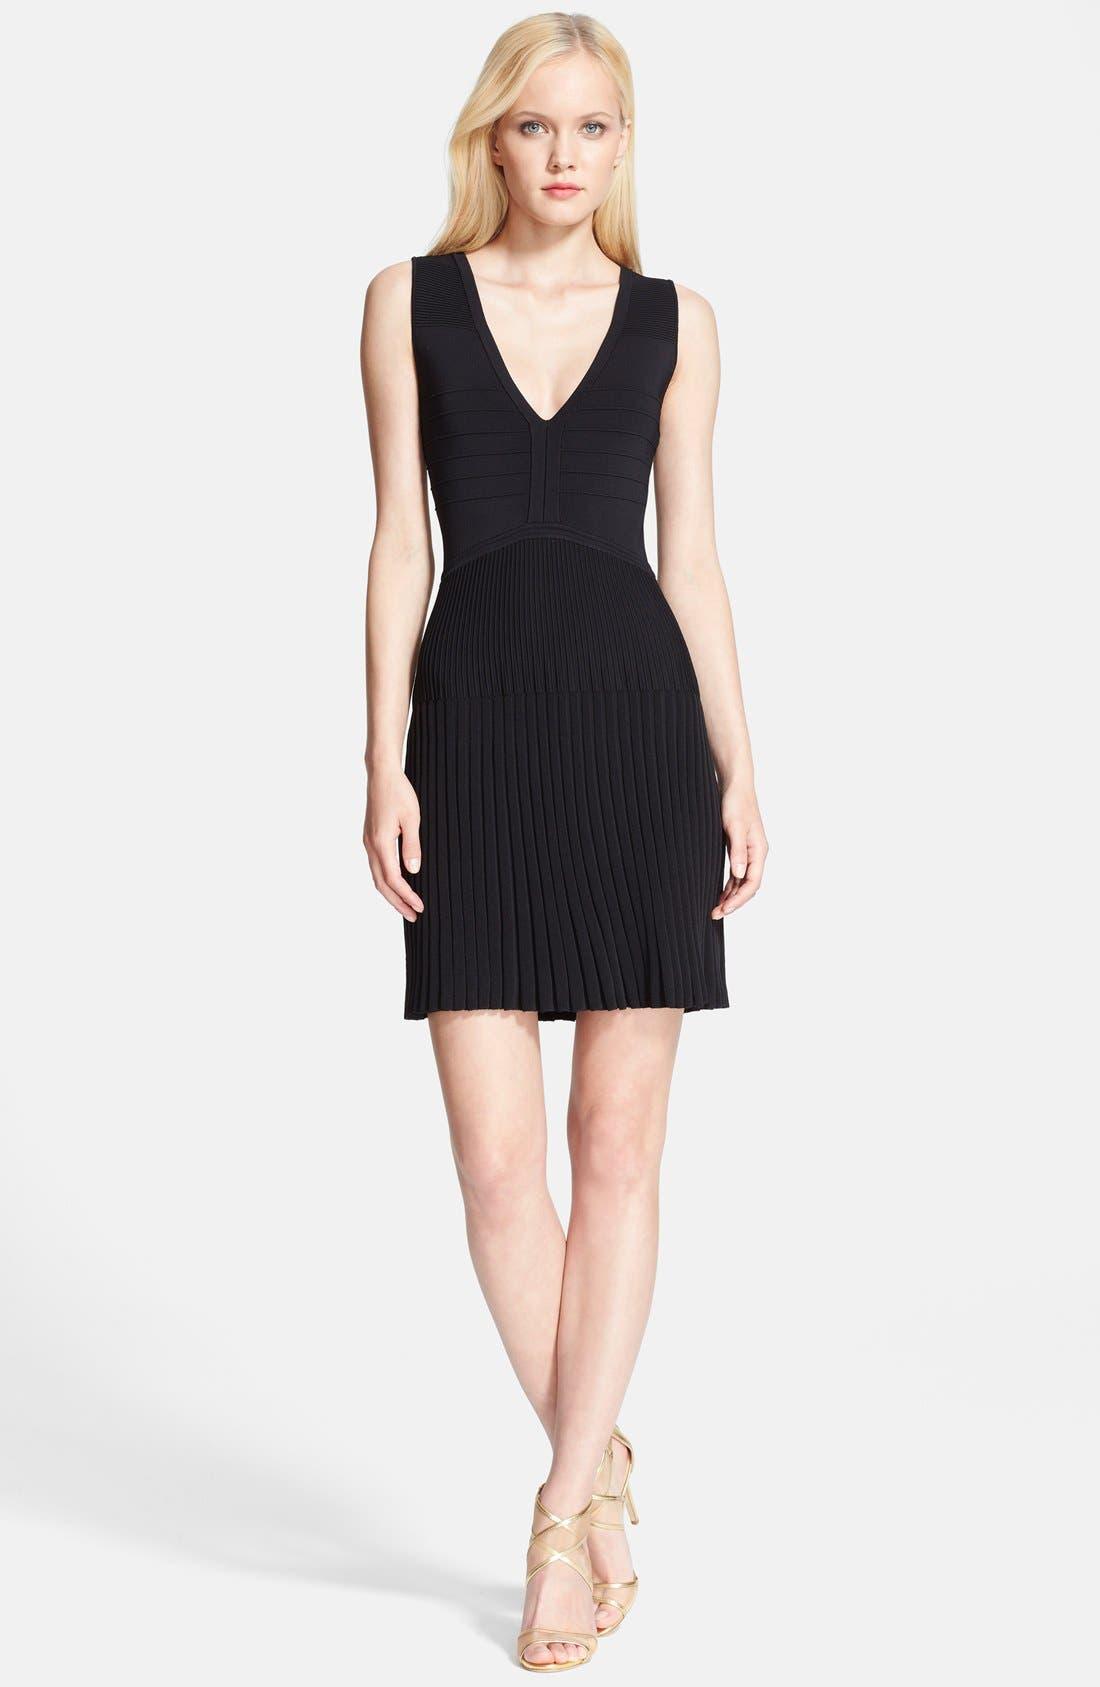 Main Image - Diane von Furstenberg 'Fit and Flare' Dress